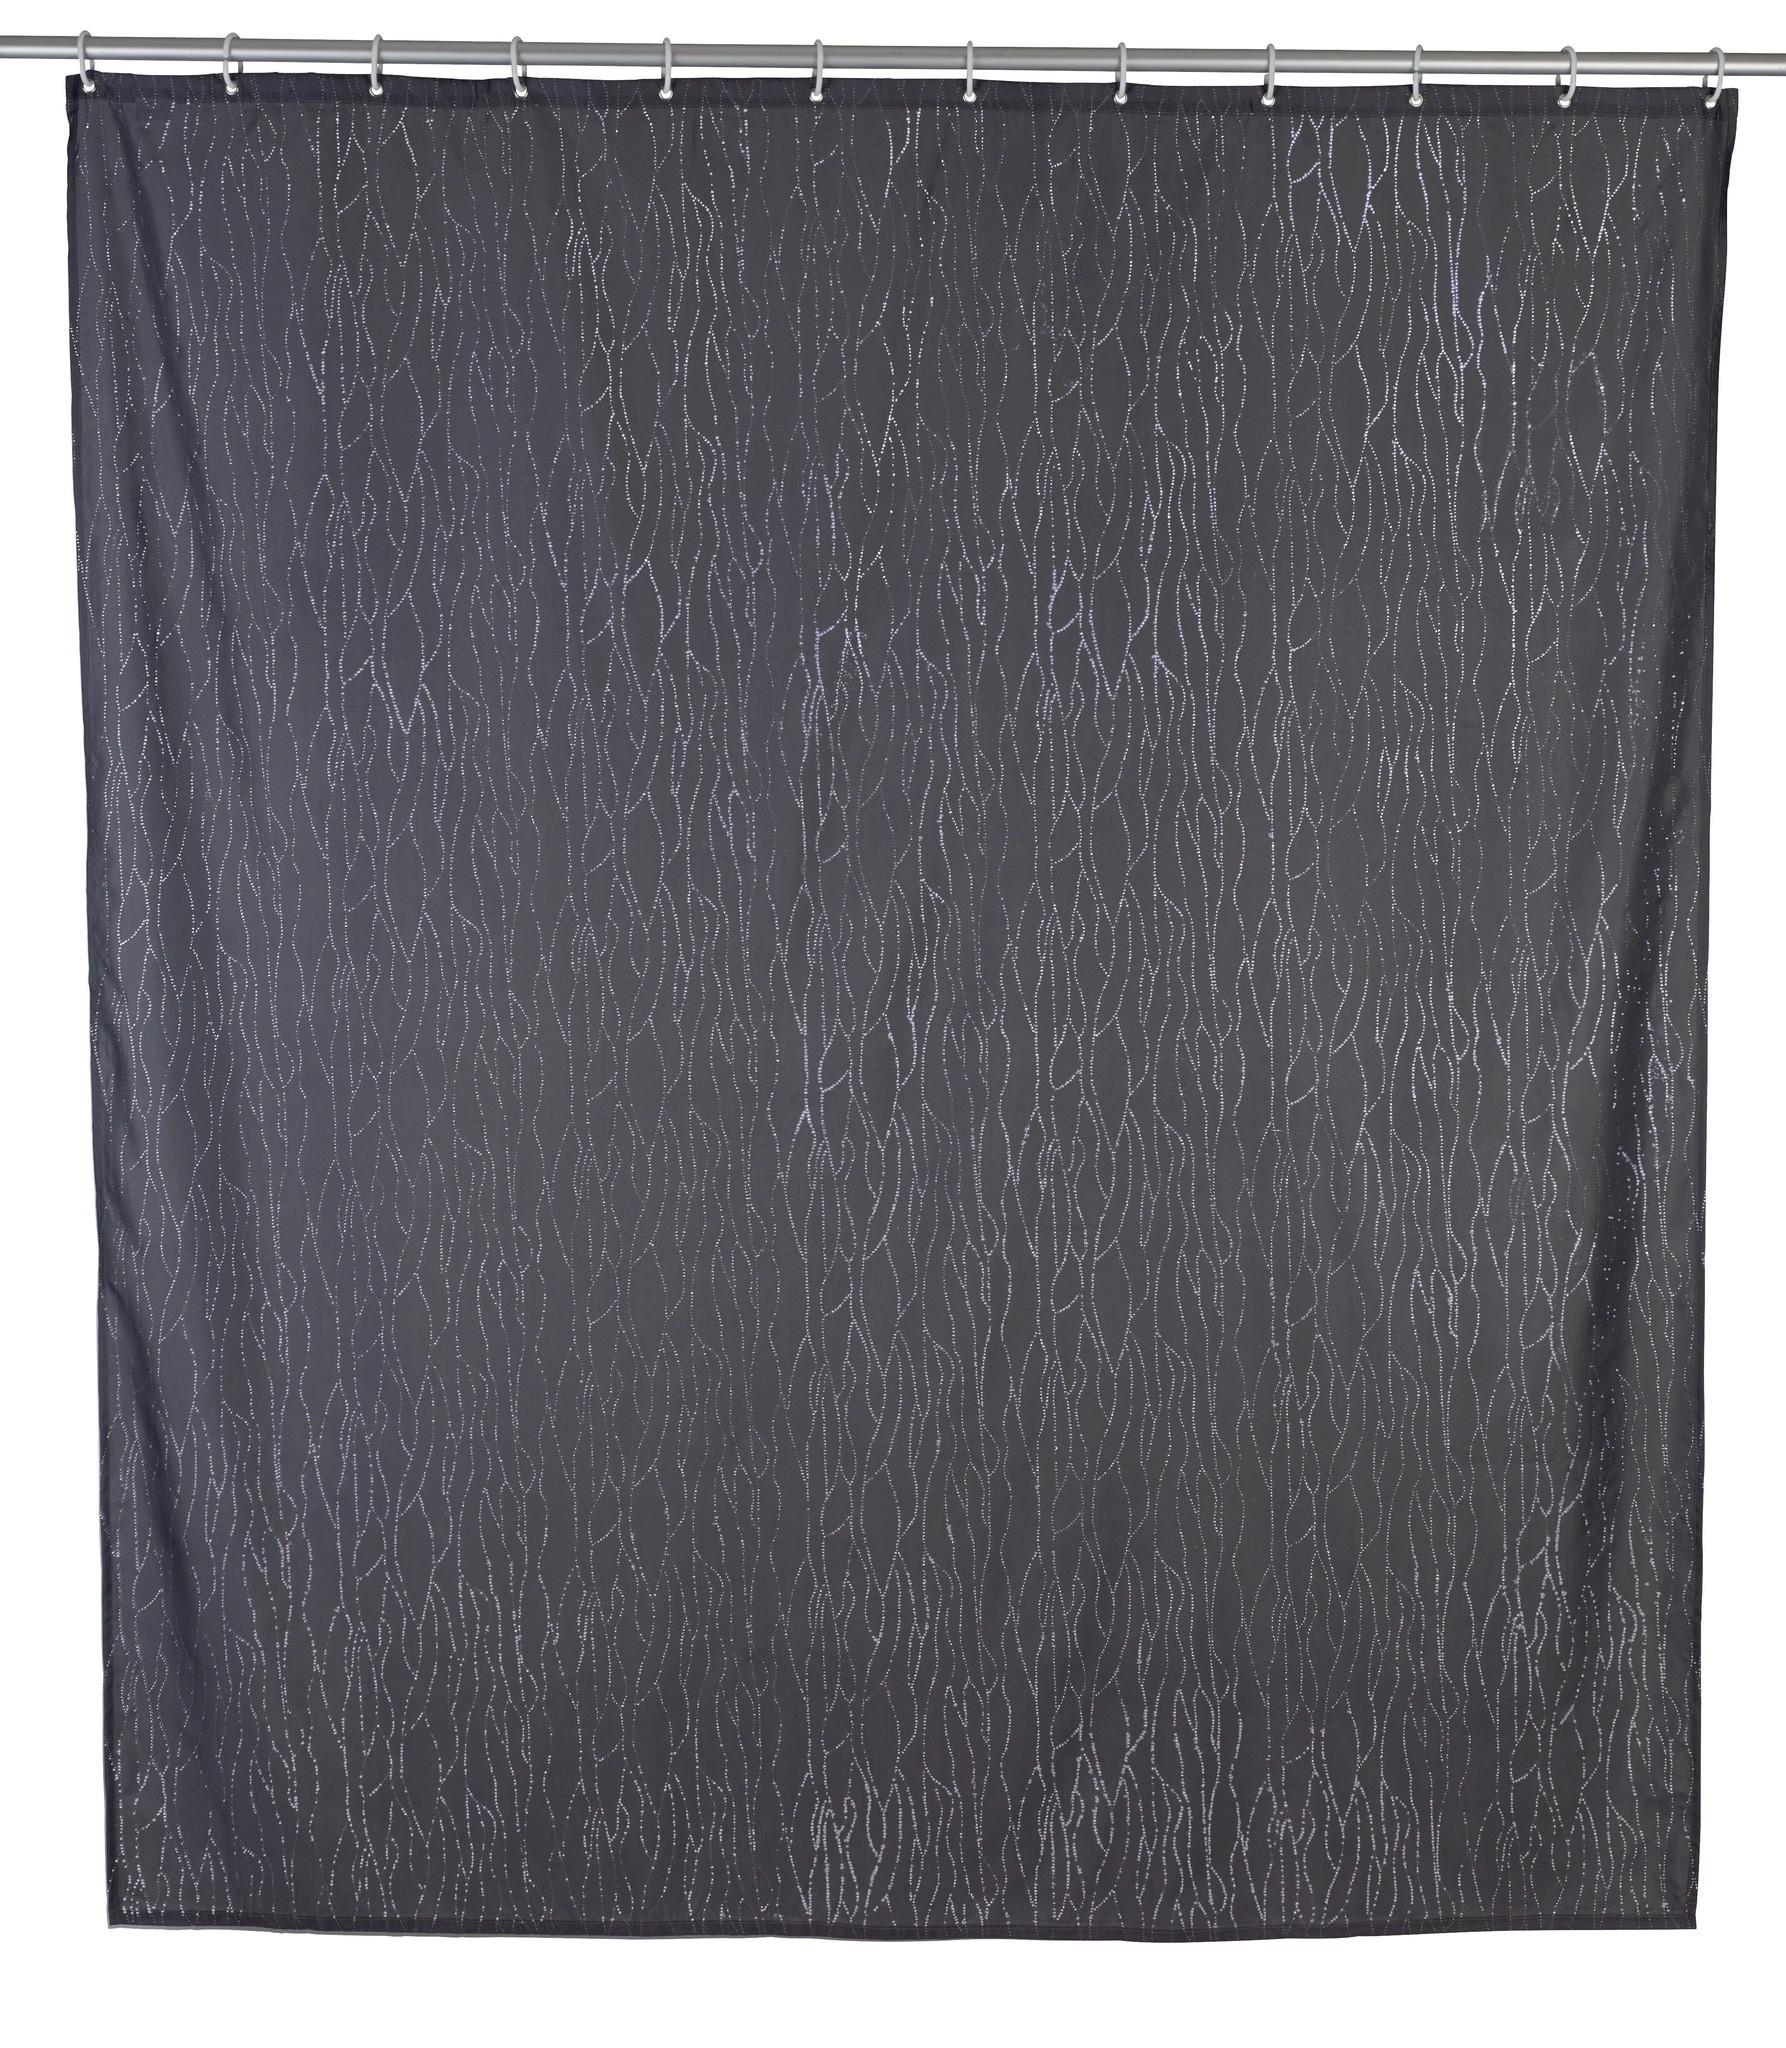 Duschvorhang Deluxe Grau, mit glänzenden Applikationen, 180 x 200 cm, waschbar